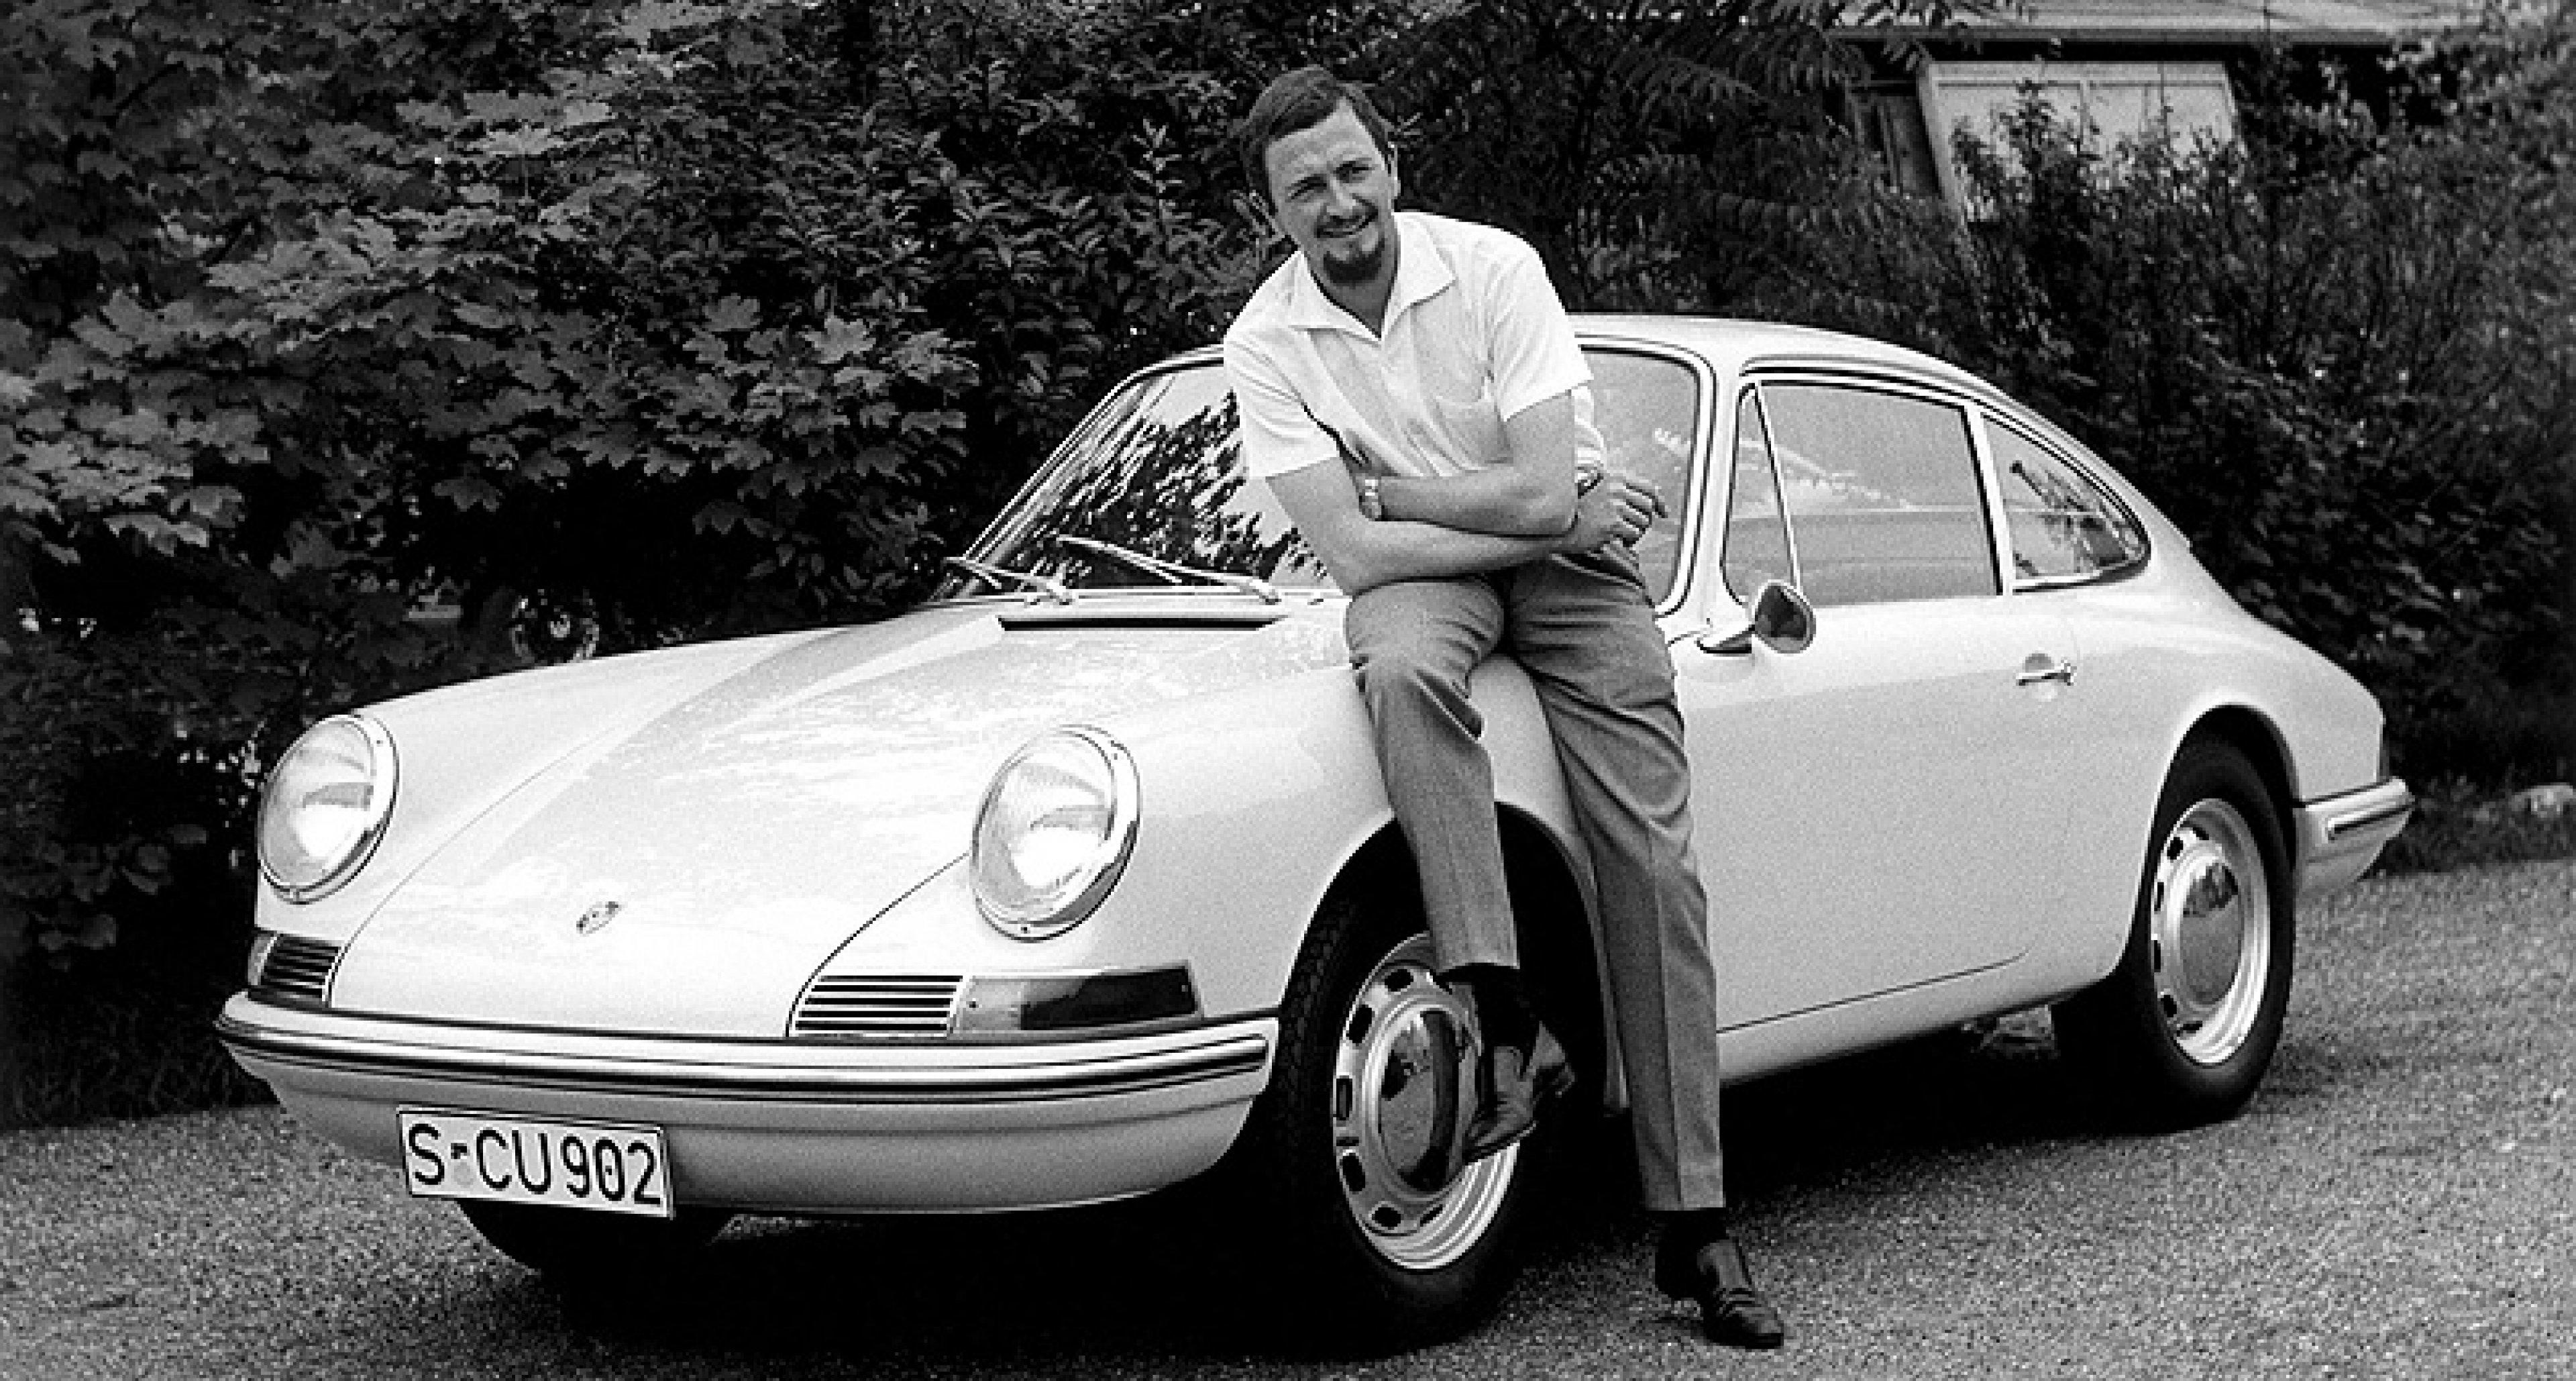 F.A. Porsche Celebrates a Personal Milestone